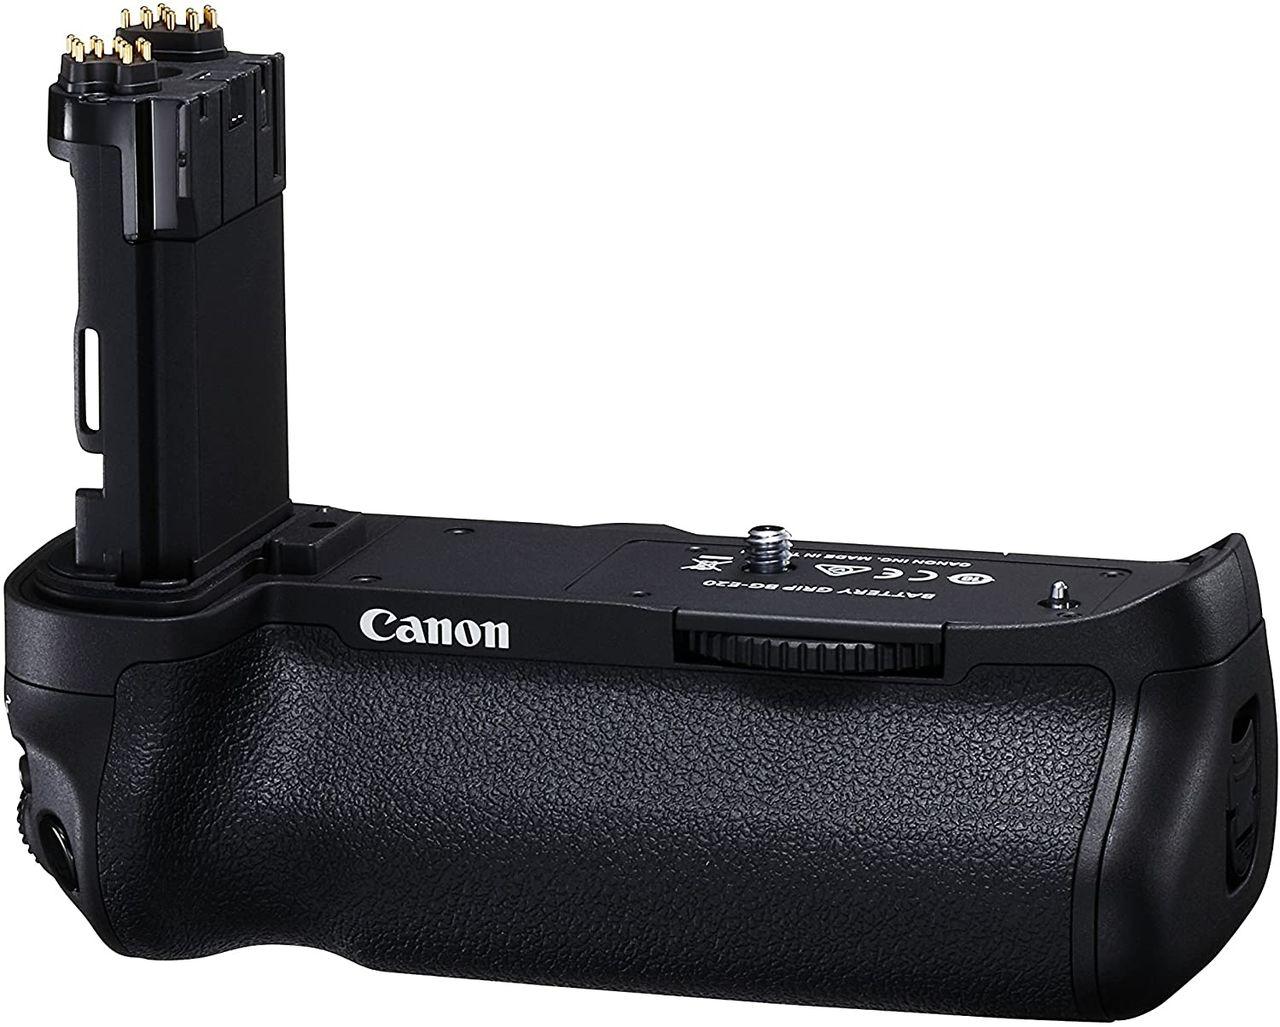 фотоаппарат с батарейками отзывы приготовим говядину